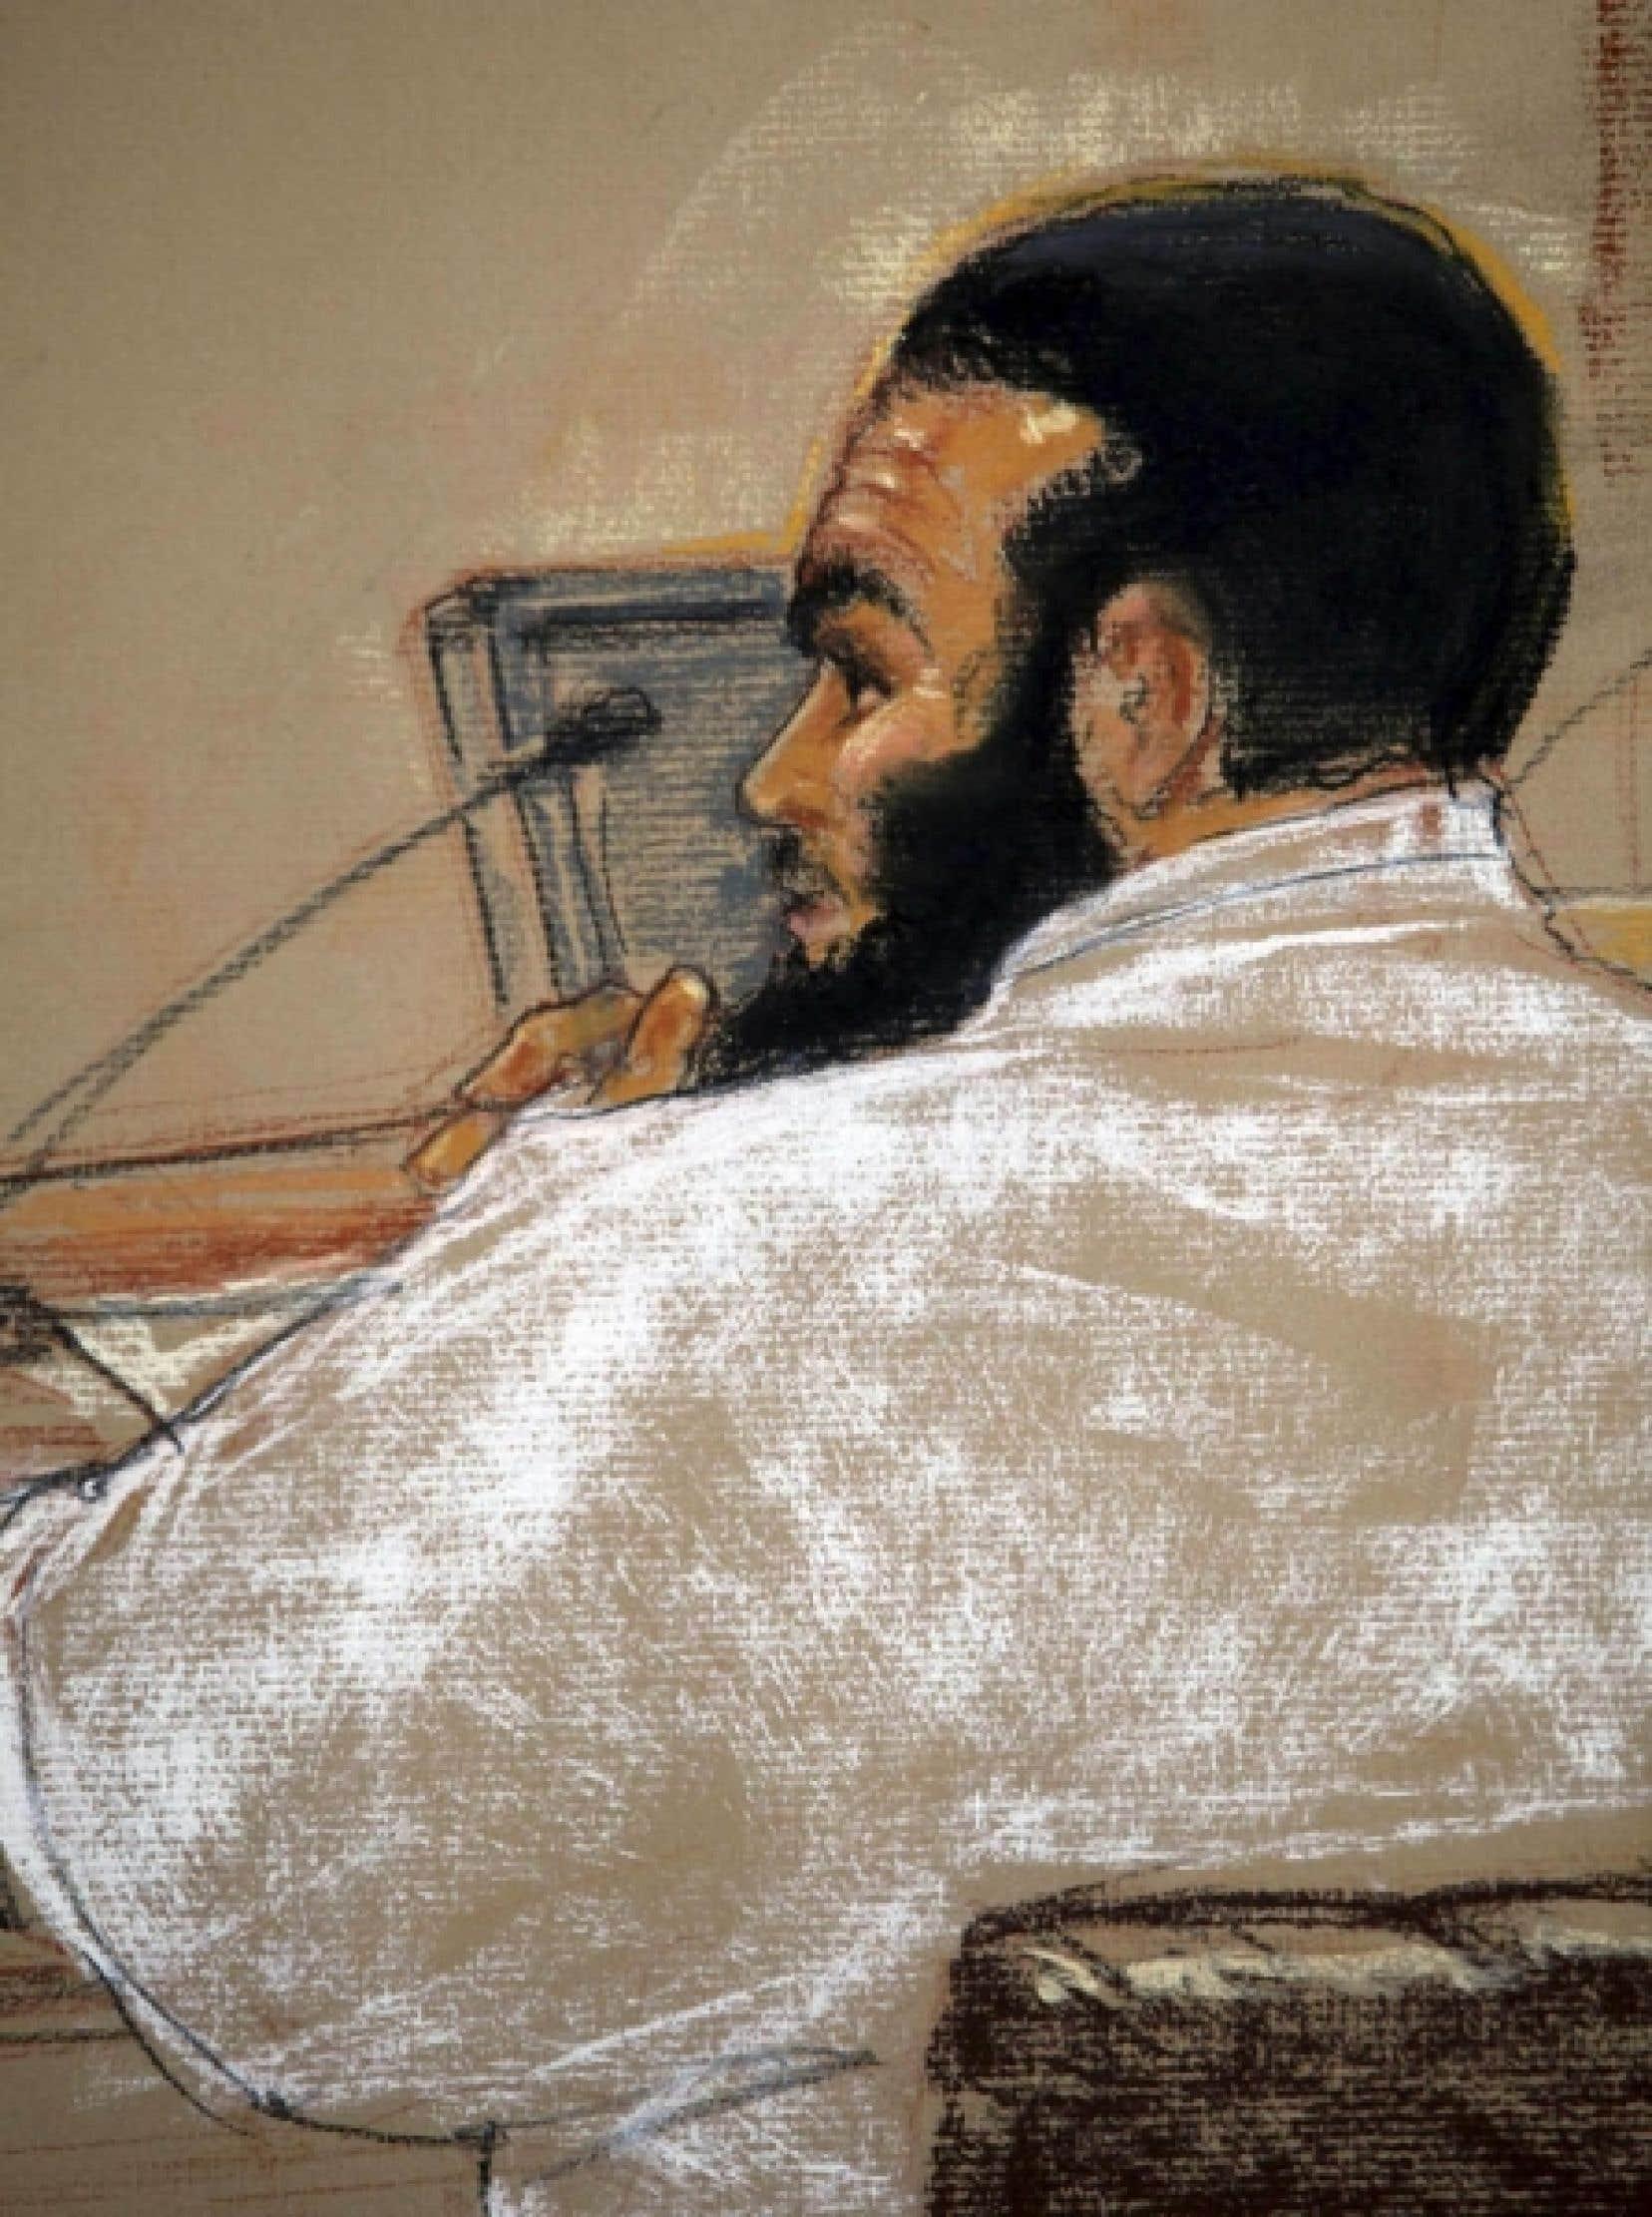 Le gouvernement fédéral a répondu hier soir au récent jugement de la Cour suprême sur le cas d'Omar Khadr.